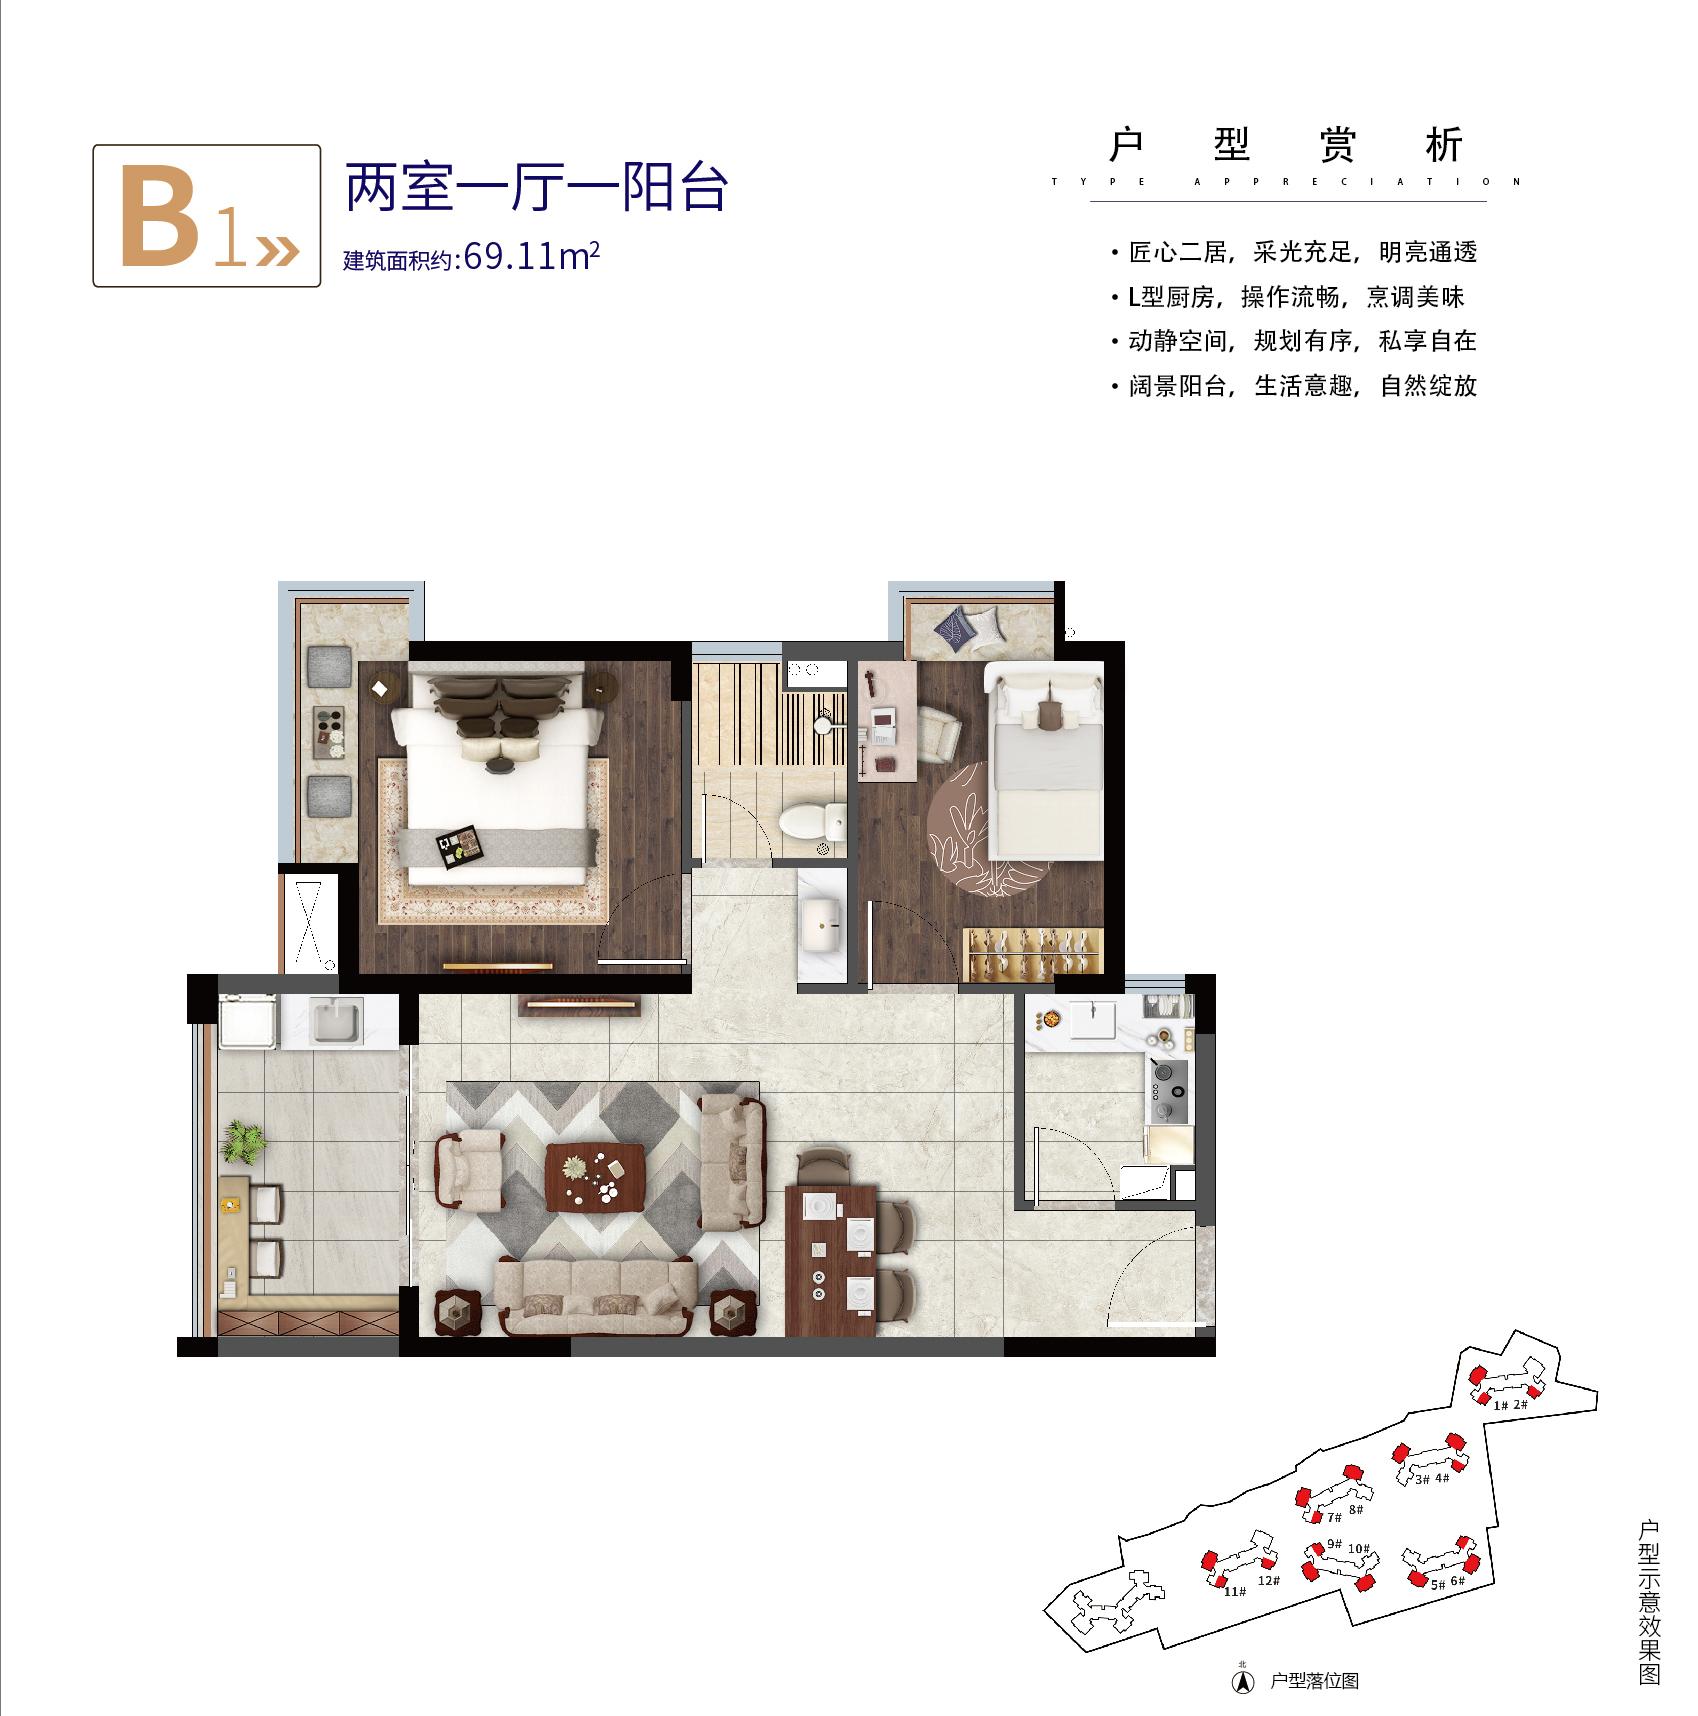 B1户型 2室1厅1卫 建面约69.11㎡